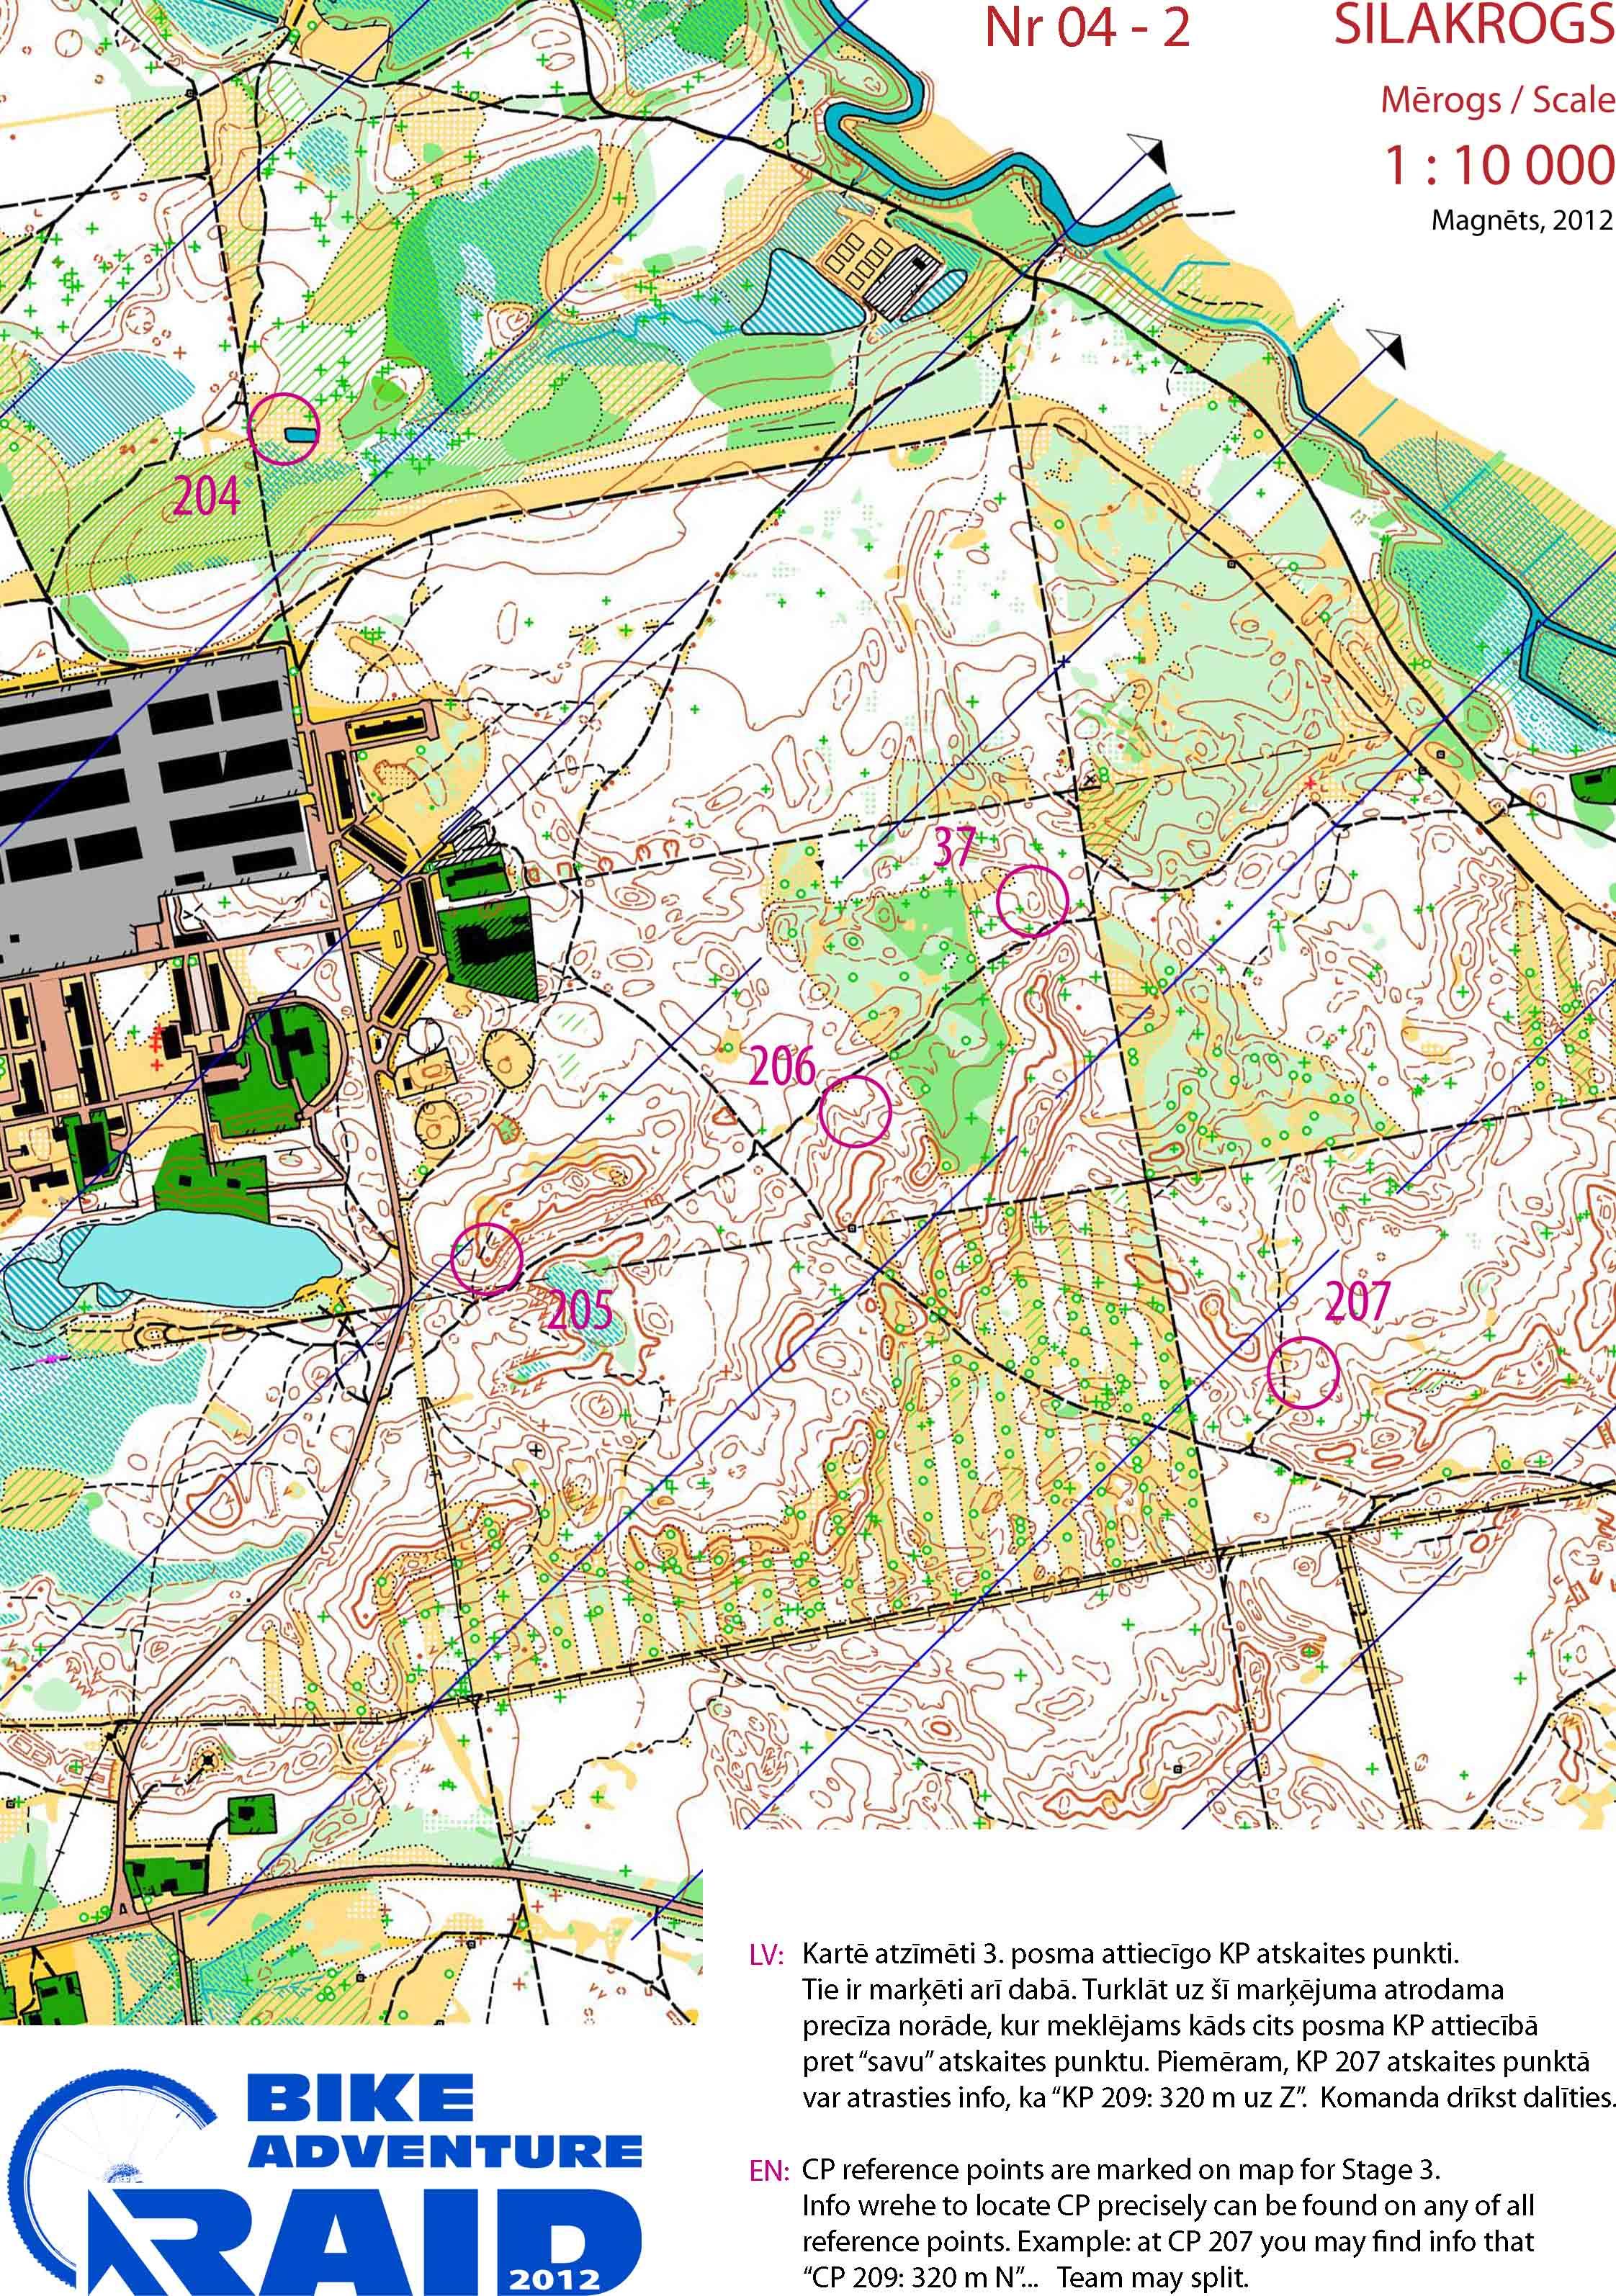 Orientēšanās karte Silakrogs Lielā Jugla mērogs 1:10000